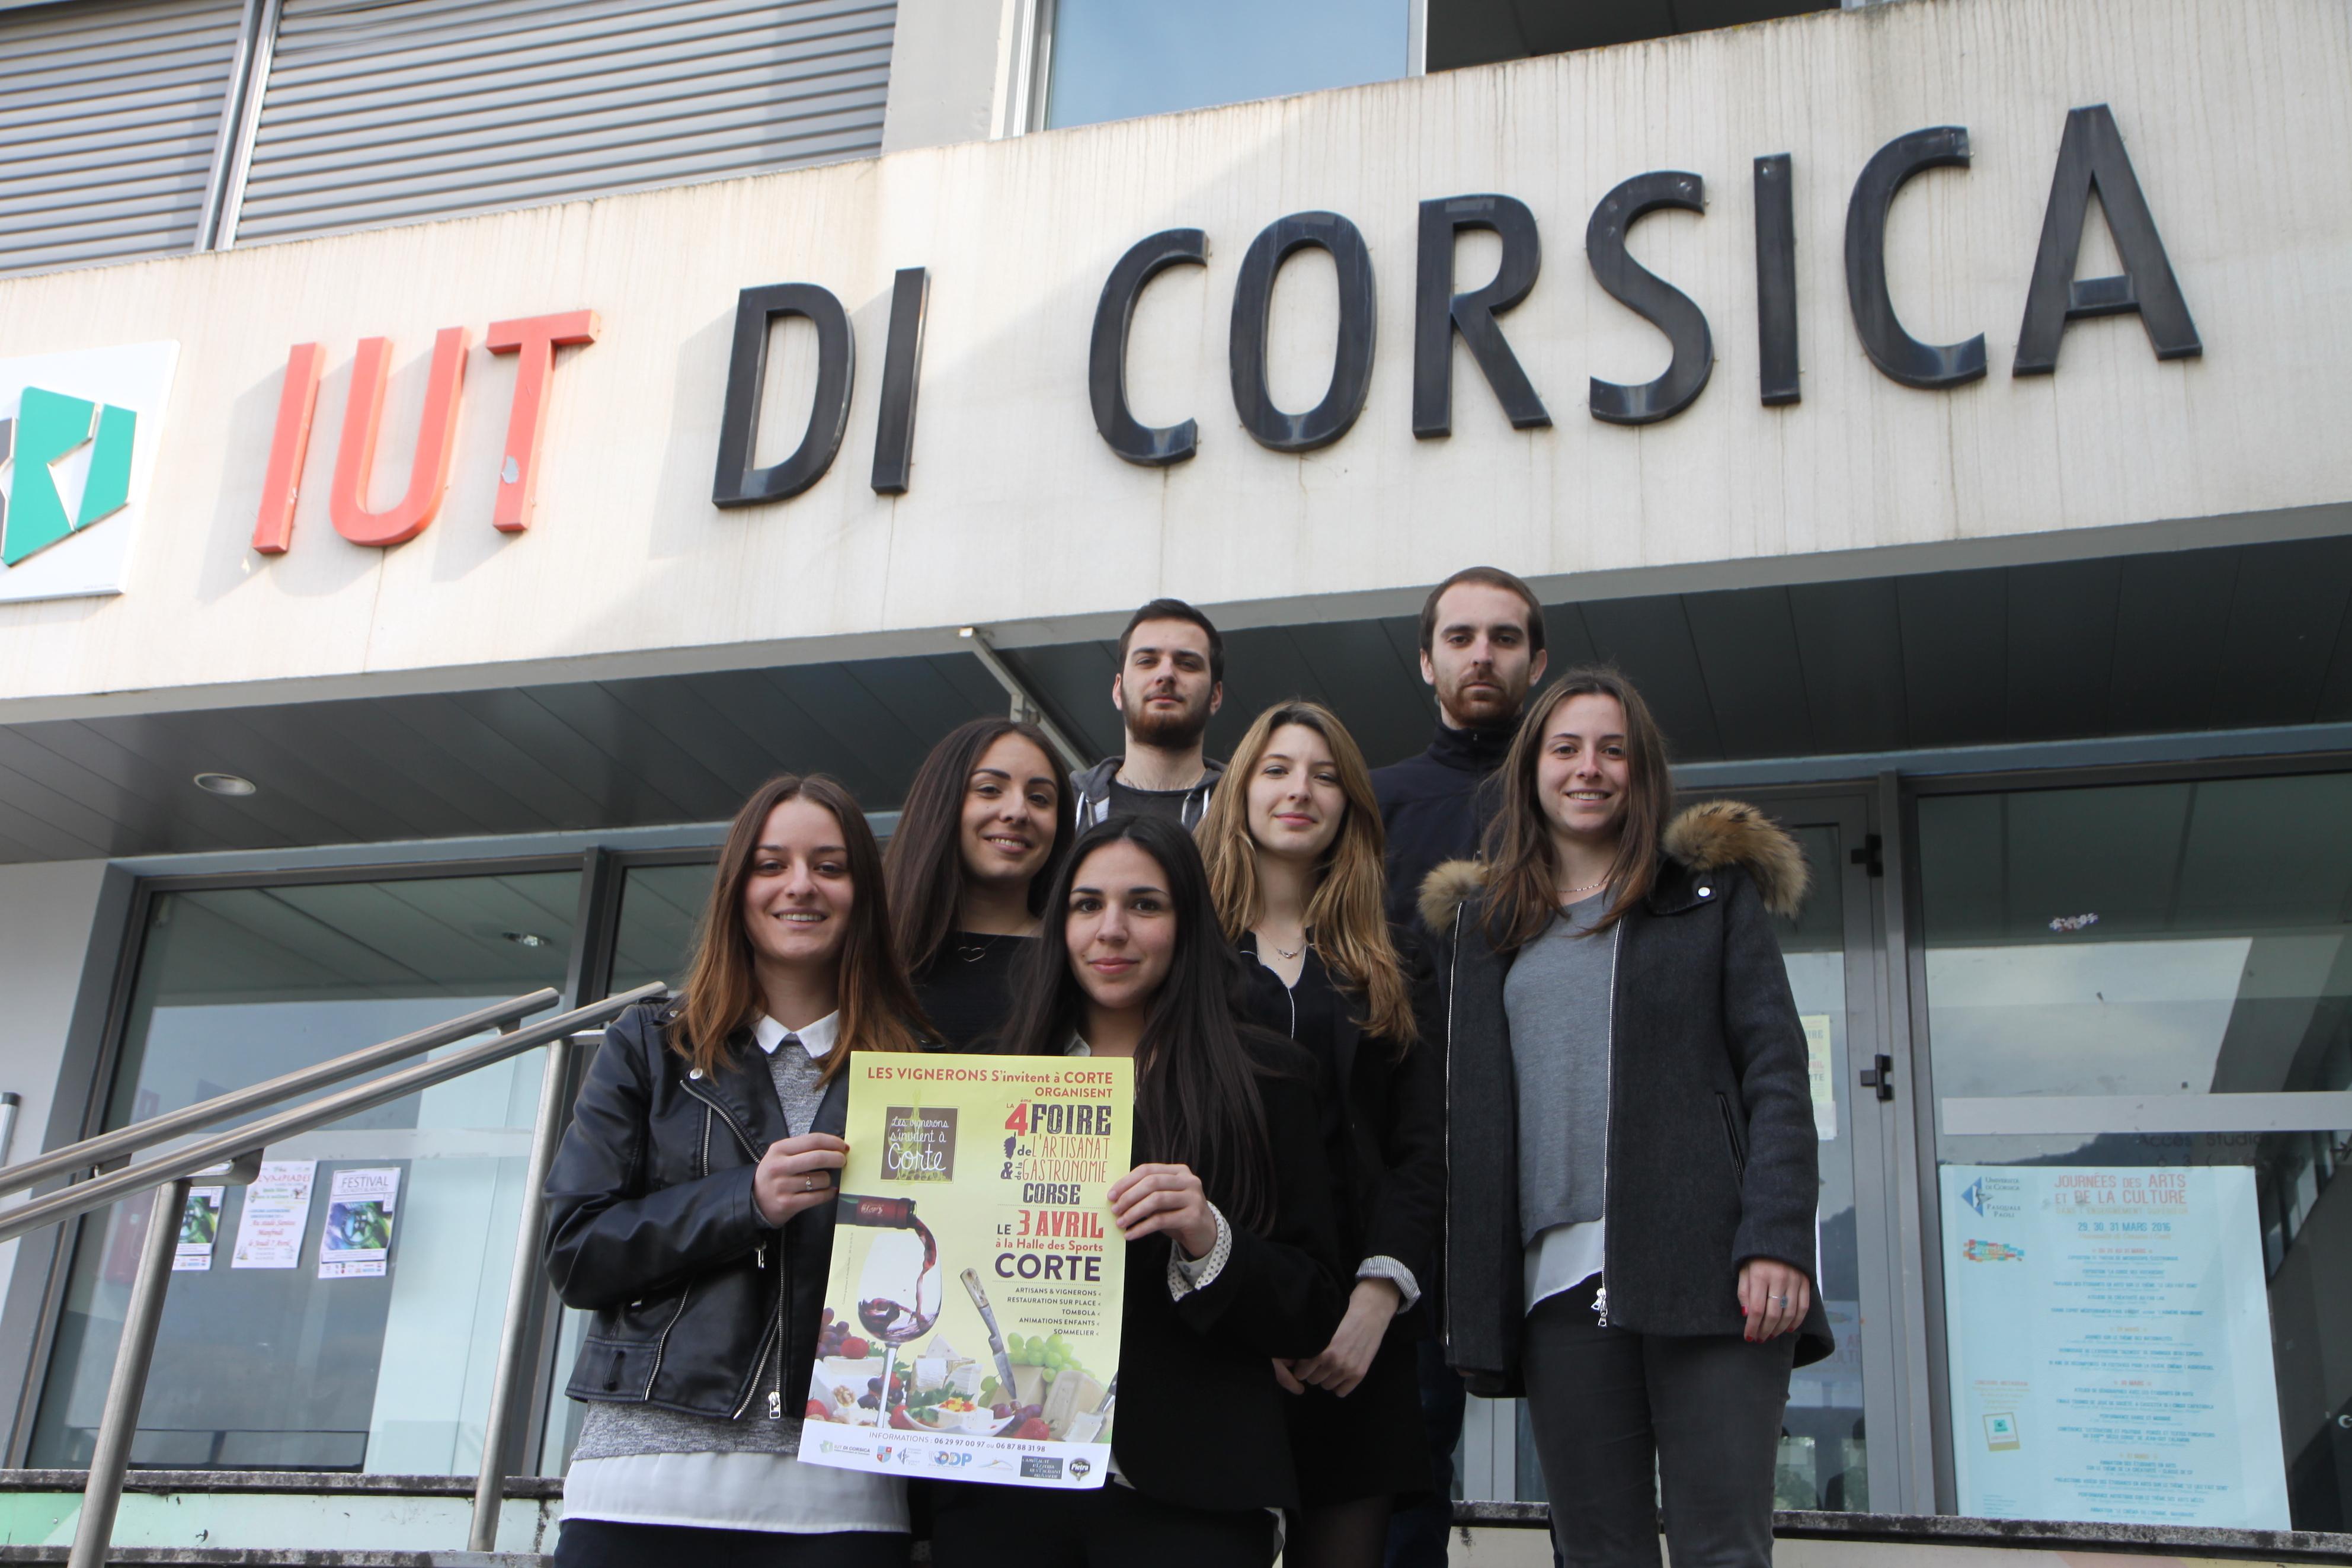 Les sept organisateurs de l'évènements, tous étudiants en technique de commercialisation au sein de l'IUT de Corte (crédit photo : D. S.)